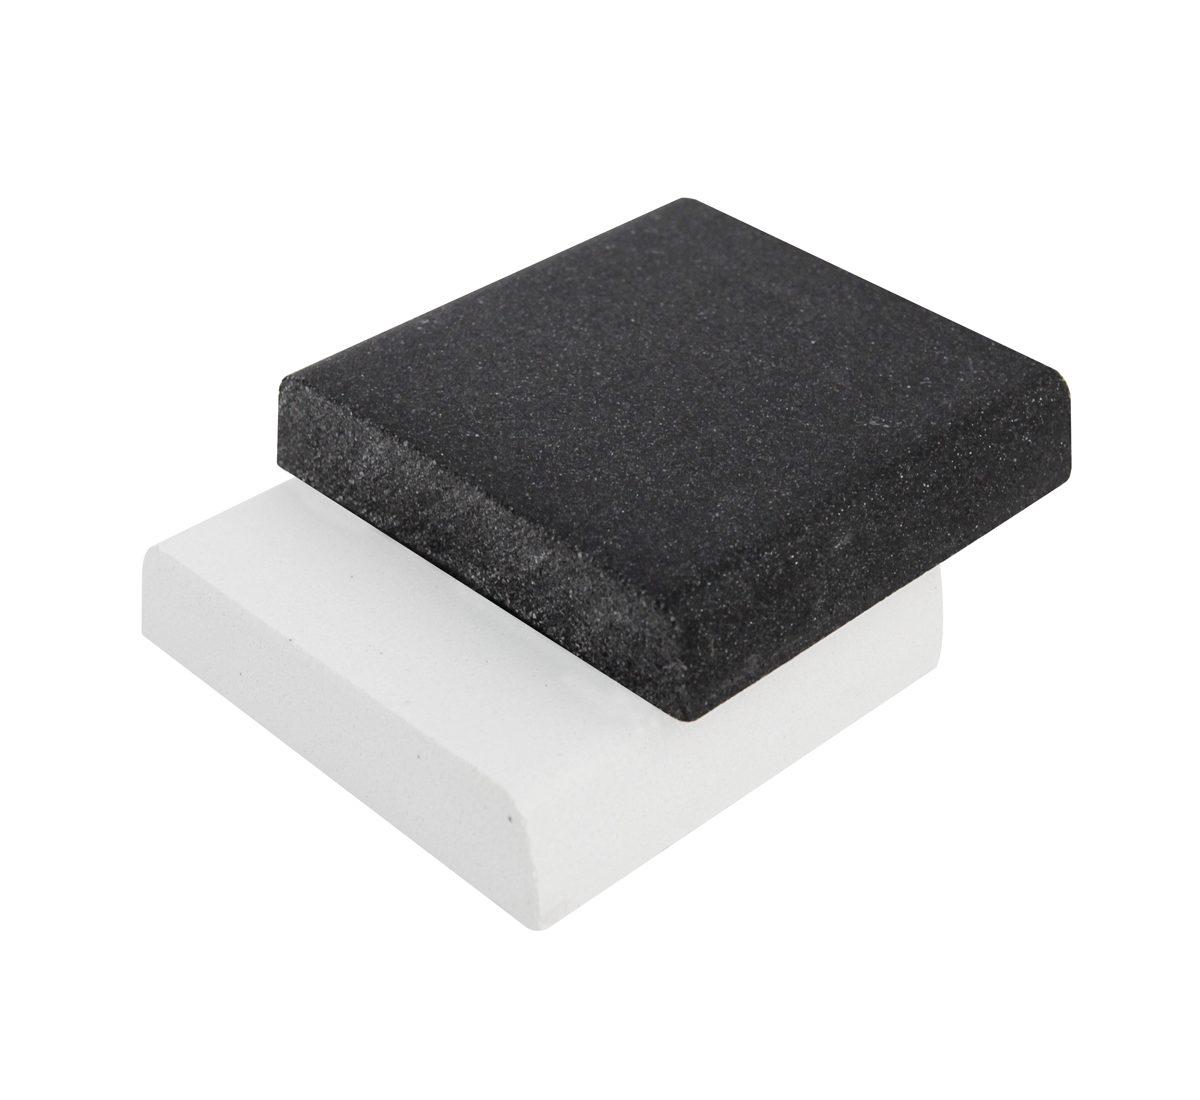 Granite Sink Samples